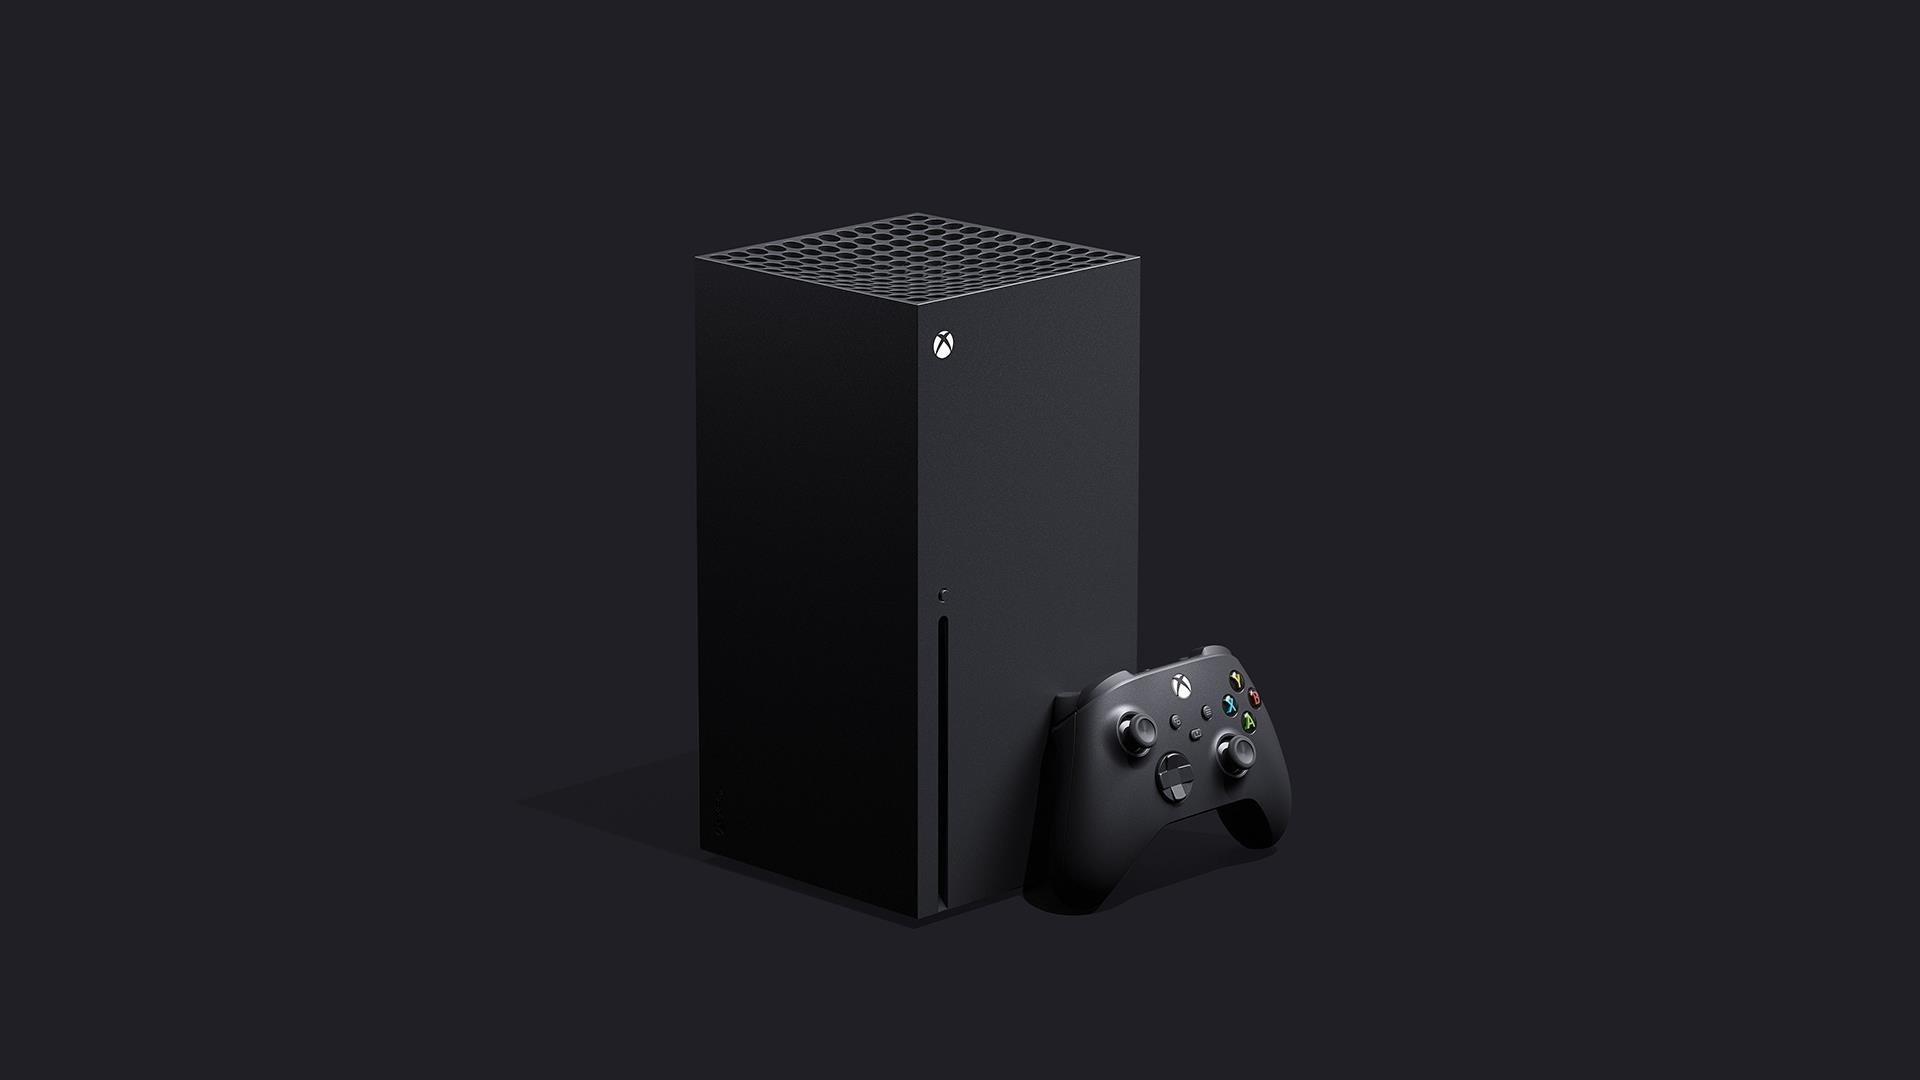 El concurso Xbox Game Pass Ultimate gana una de las cinco consolas Xbox Series X